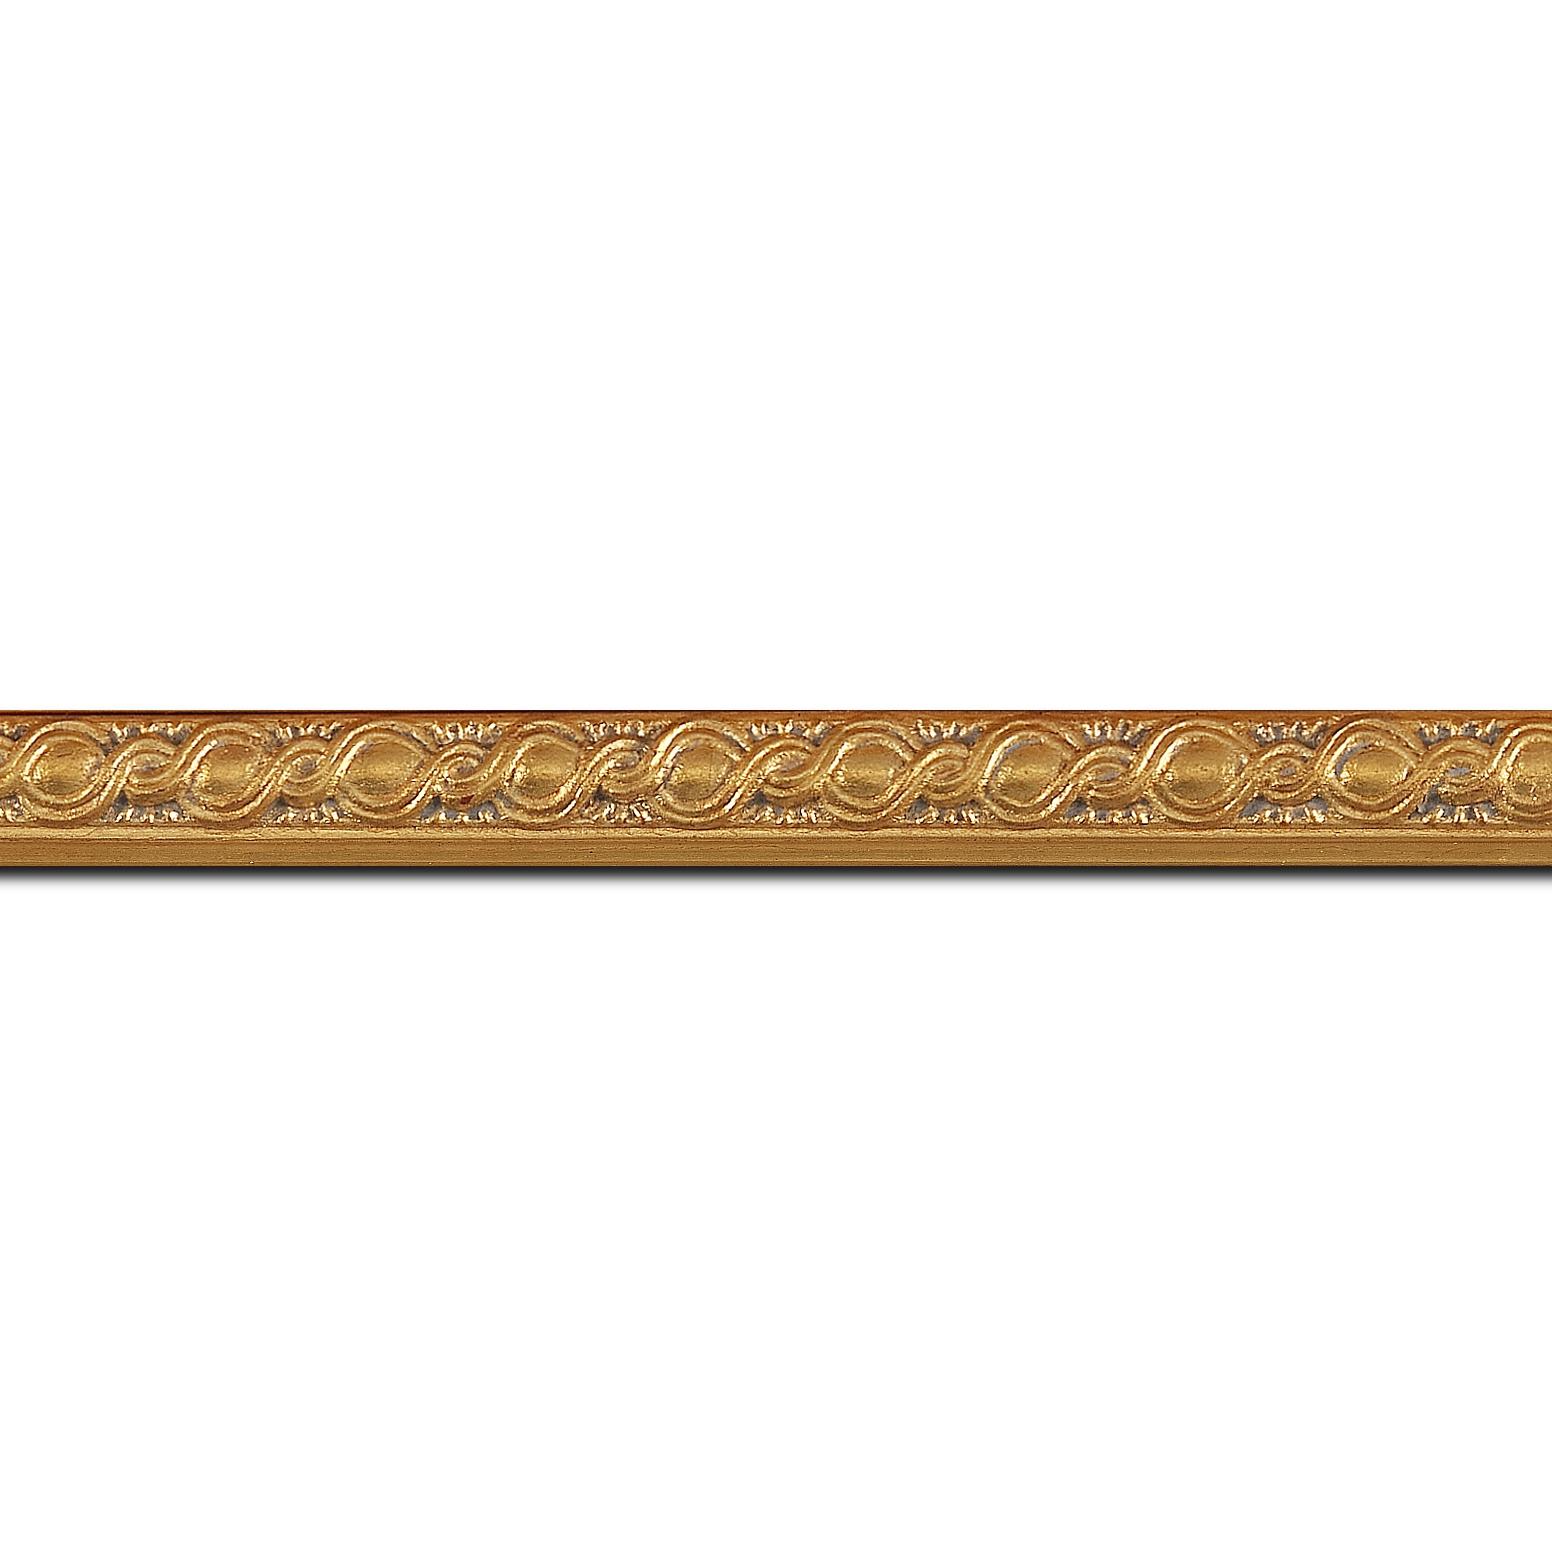 Baguette longueur 1.40m bois profil jonc largeur 1.5cm or style décor entrelacé